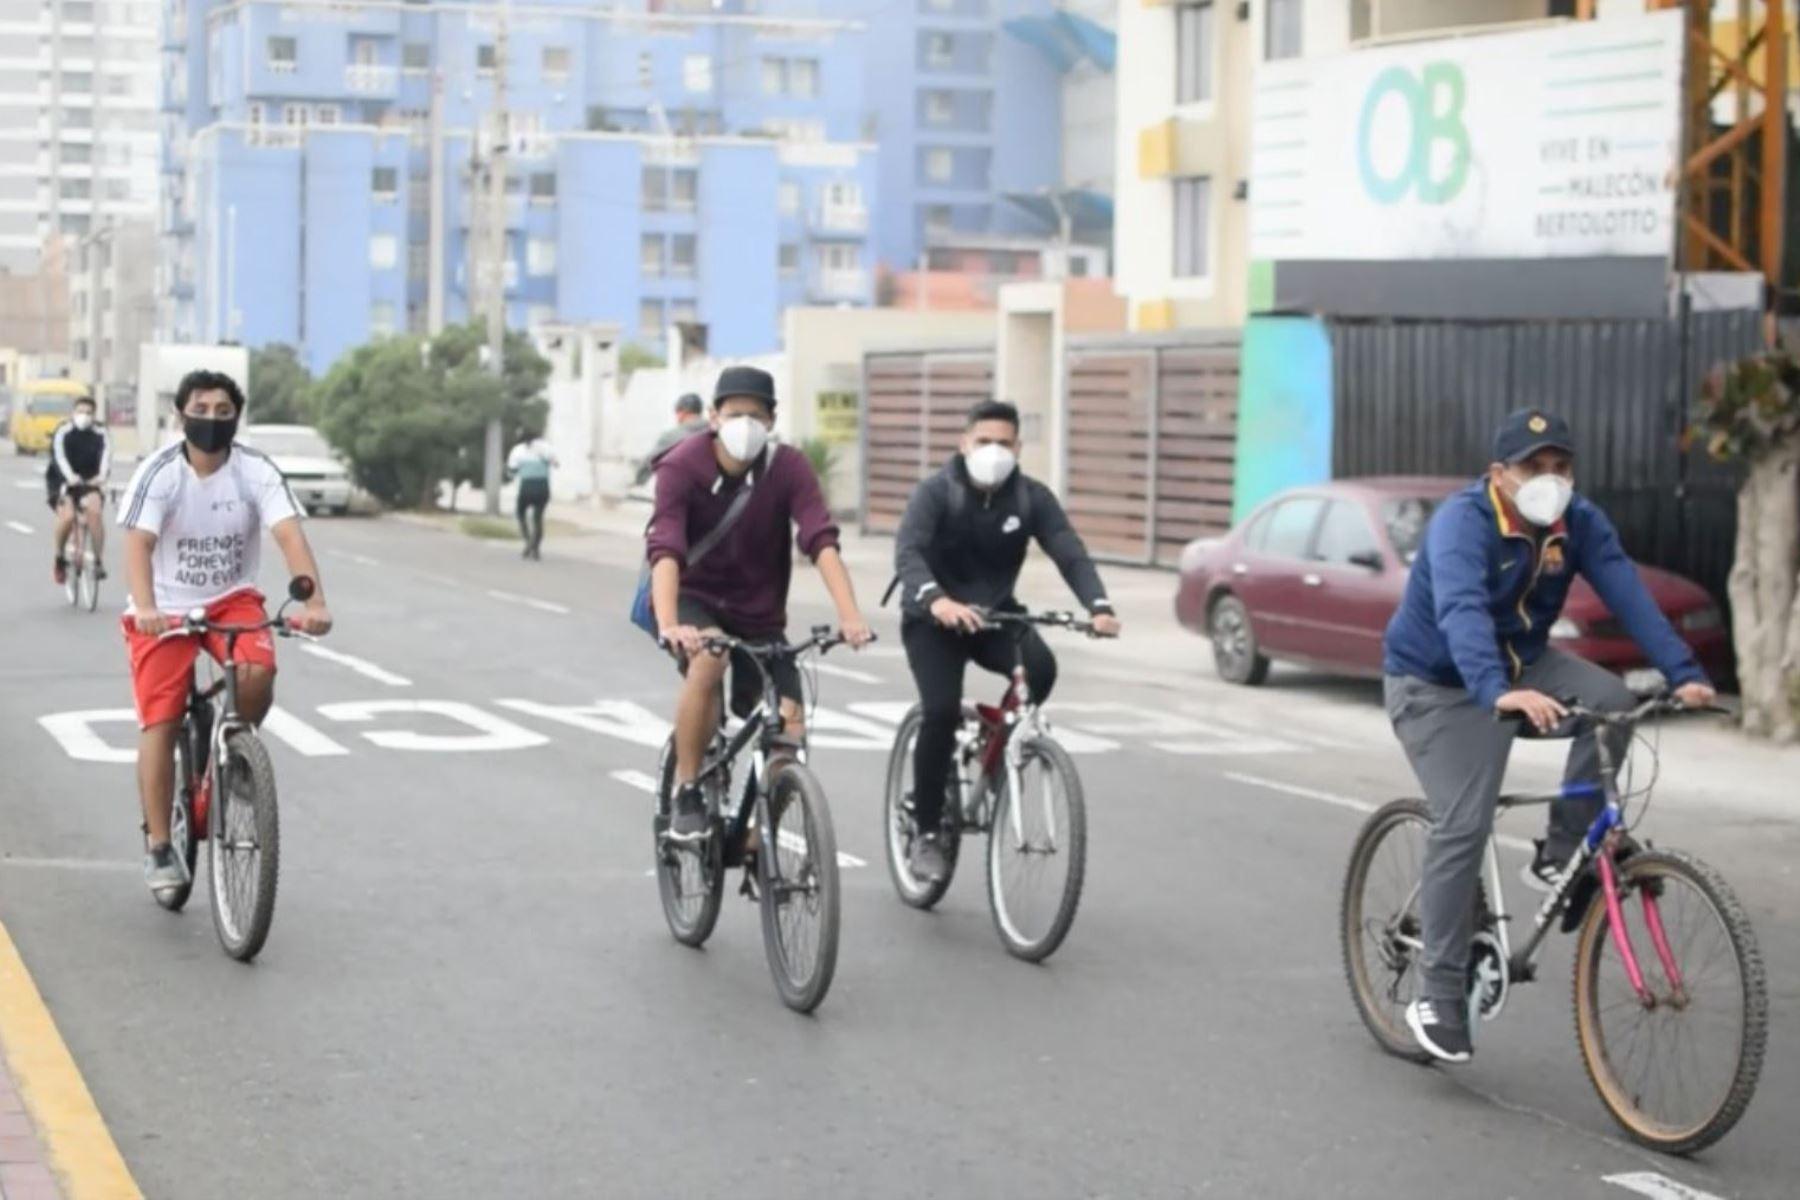 Habrán cuatro puntos para la práctica de actividades deportivas y la avenida Costanera será cerrada al tránsito vehicular. Foto: Difusión